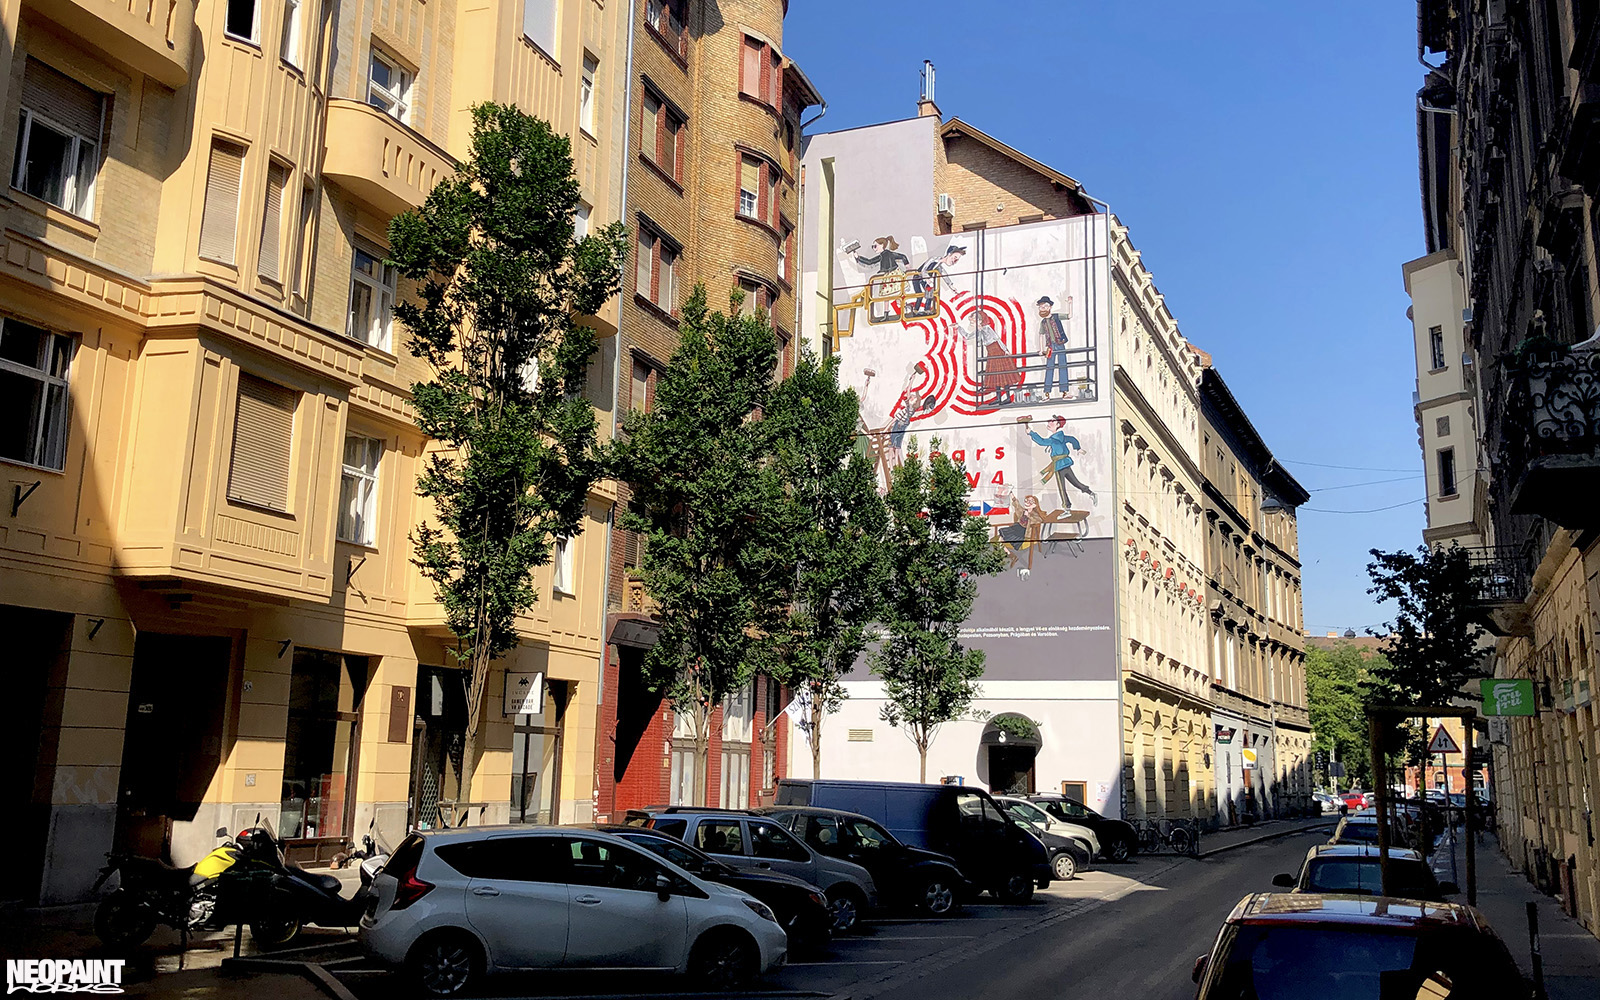 tűzfalfestés - tűzfalfestmény - köztéri falfestés - neopaint works - V4 - dekorfestés - budapest (3)